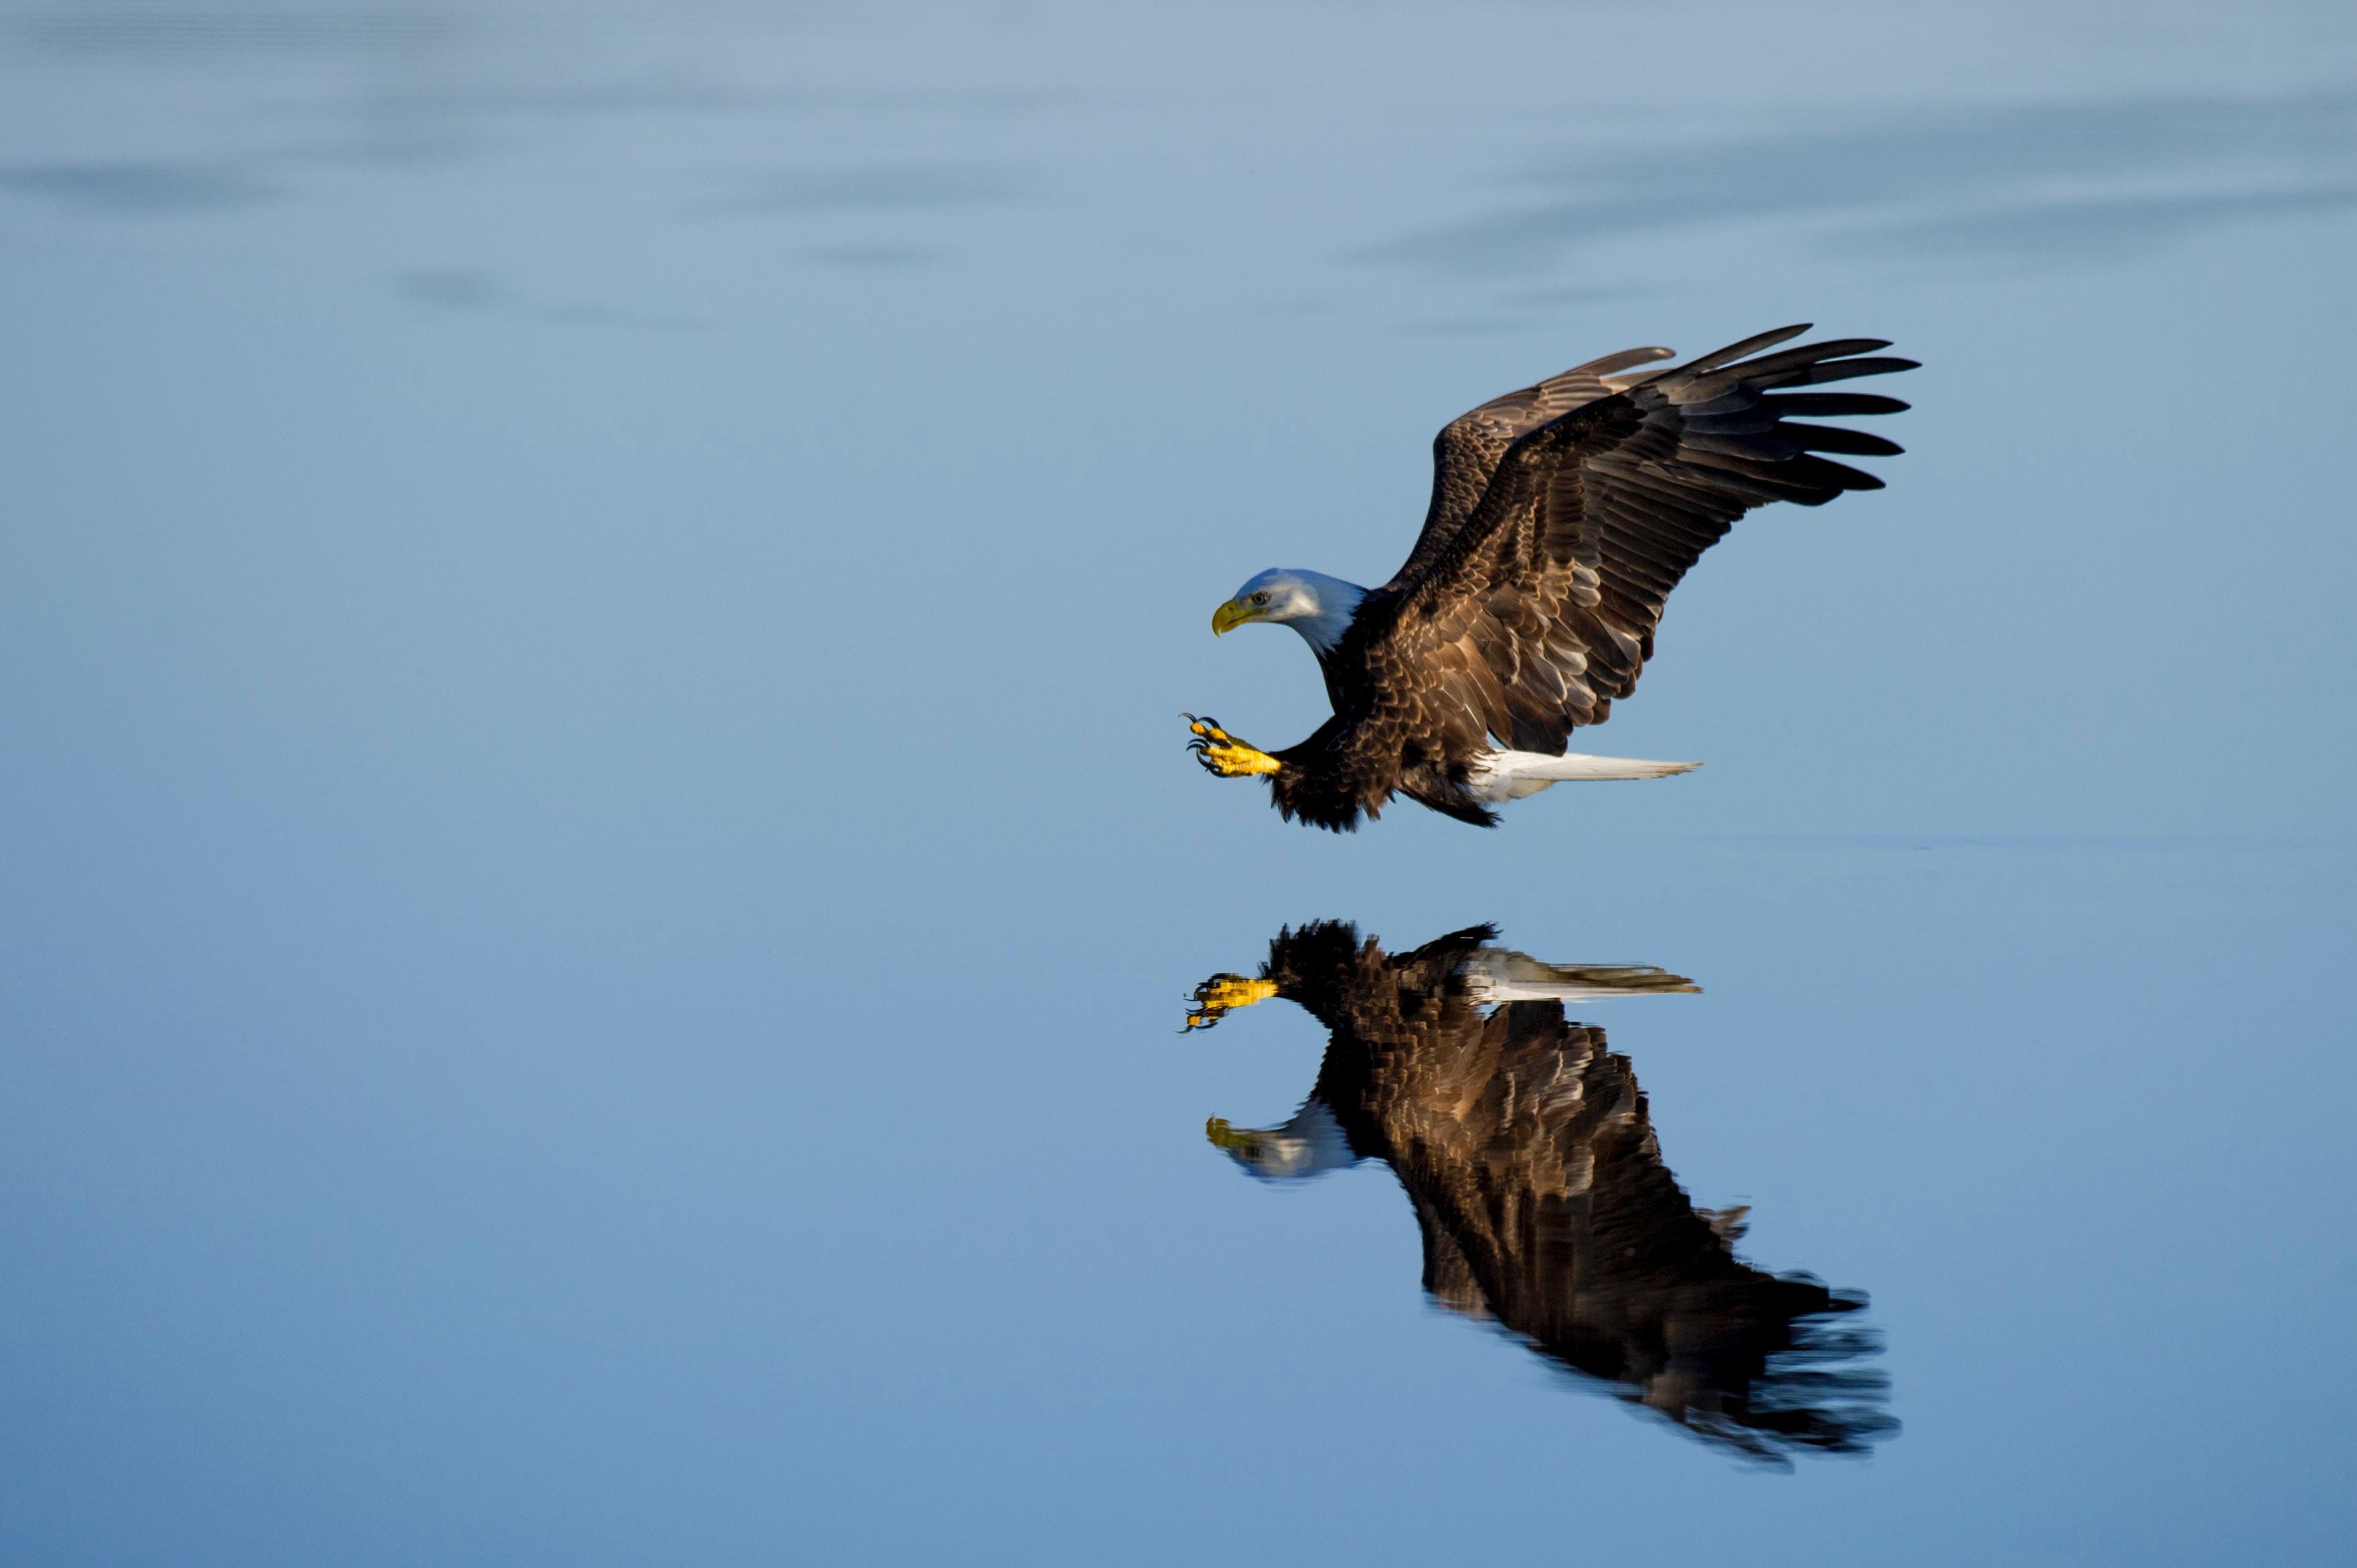 125854 Hintergrundbild herunterladen Tiere, Wasser, Reflexion, Vogel, Flug, Adler - Bildschirmschoner und Bilder kostenlos